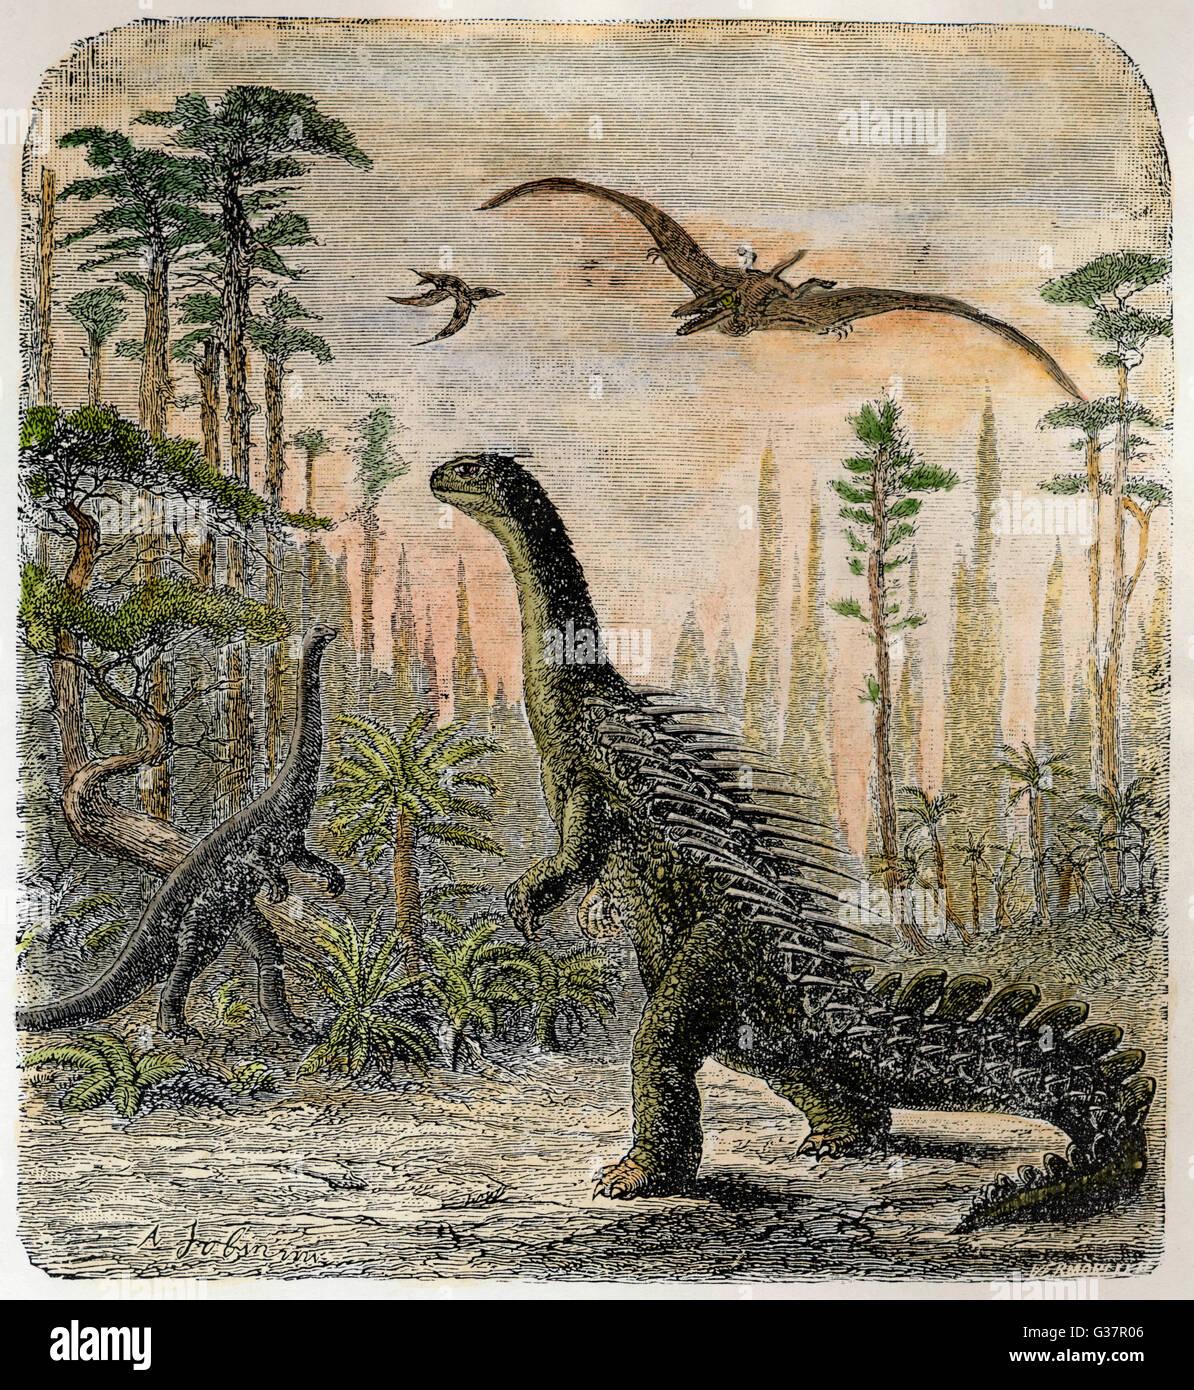 Les dinosaures du Jurassique: un stégosaure, avec un Compsognathus dans l'arrière-plan Banque D'Images